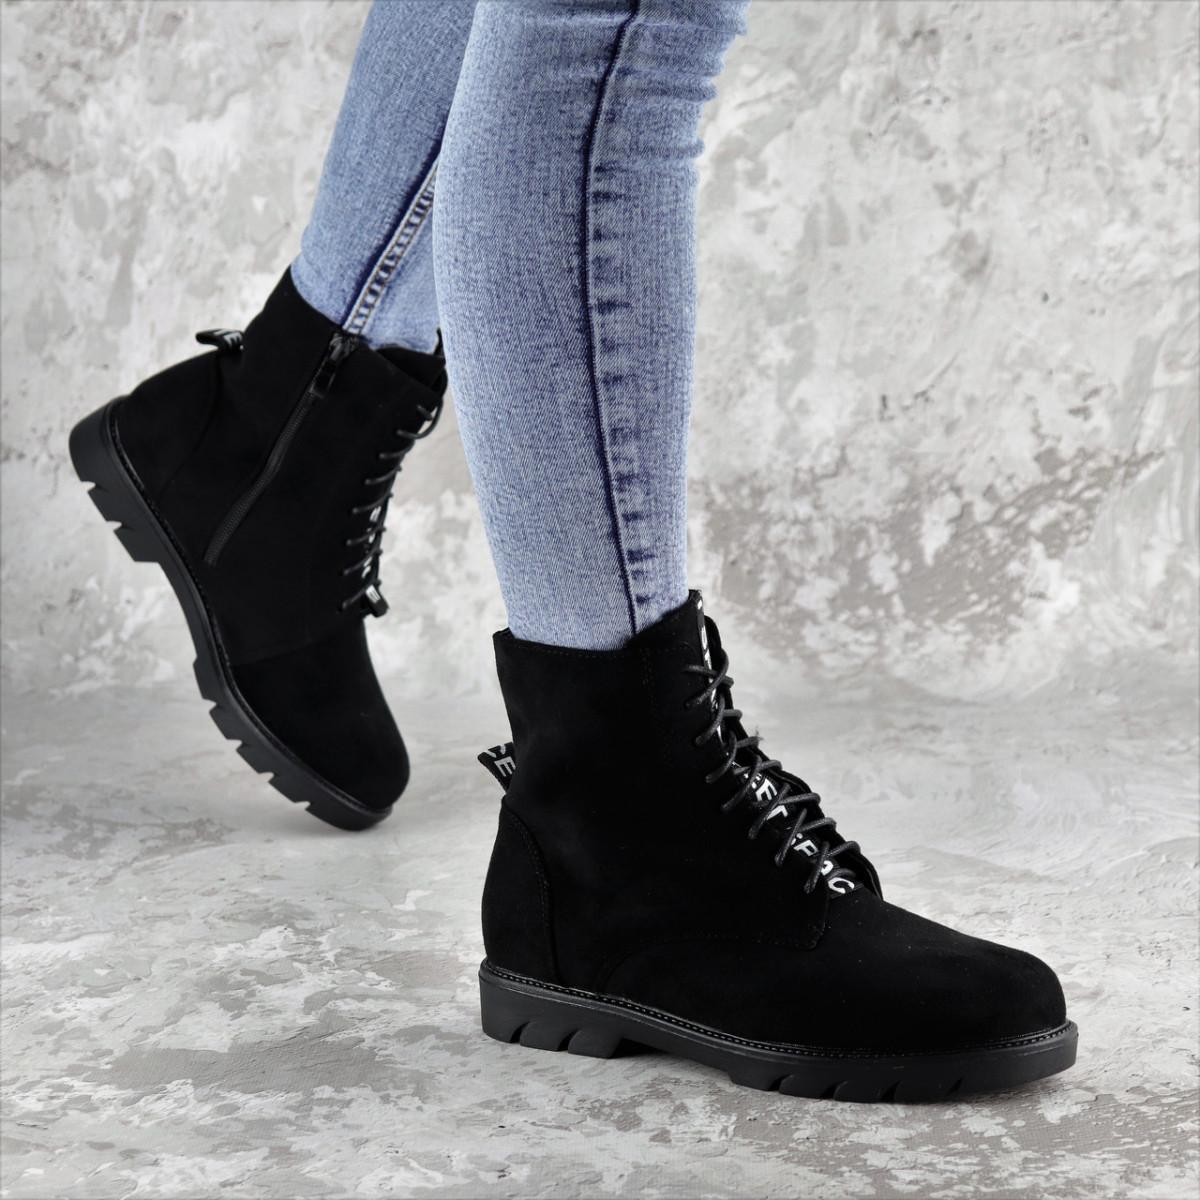 Ботинки женские зимние черные Divit 2243 (36 размер)